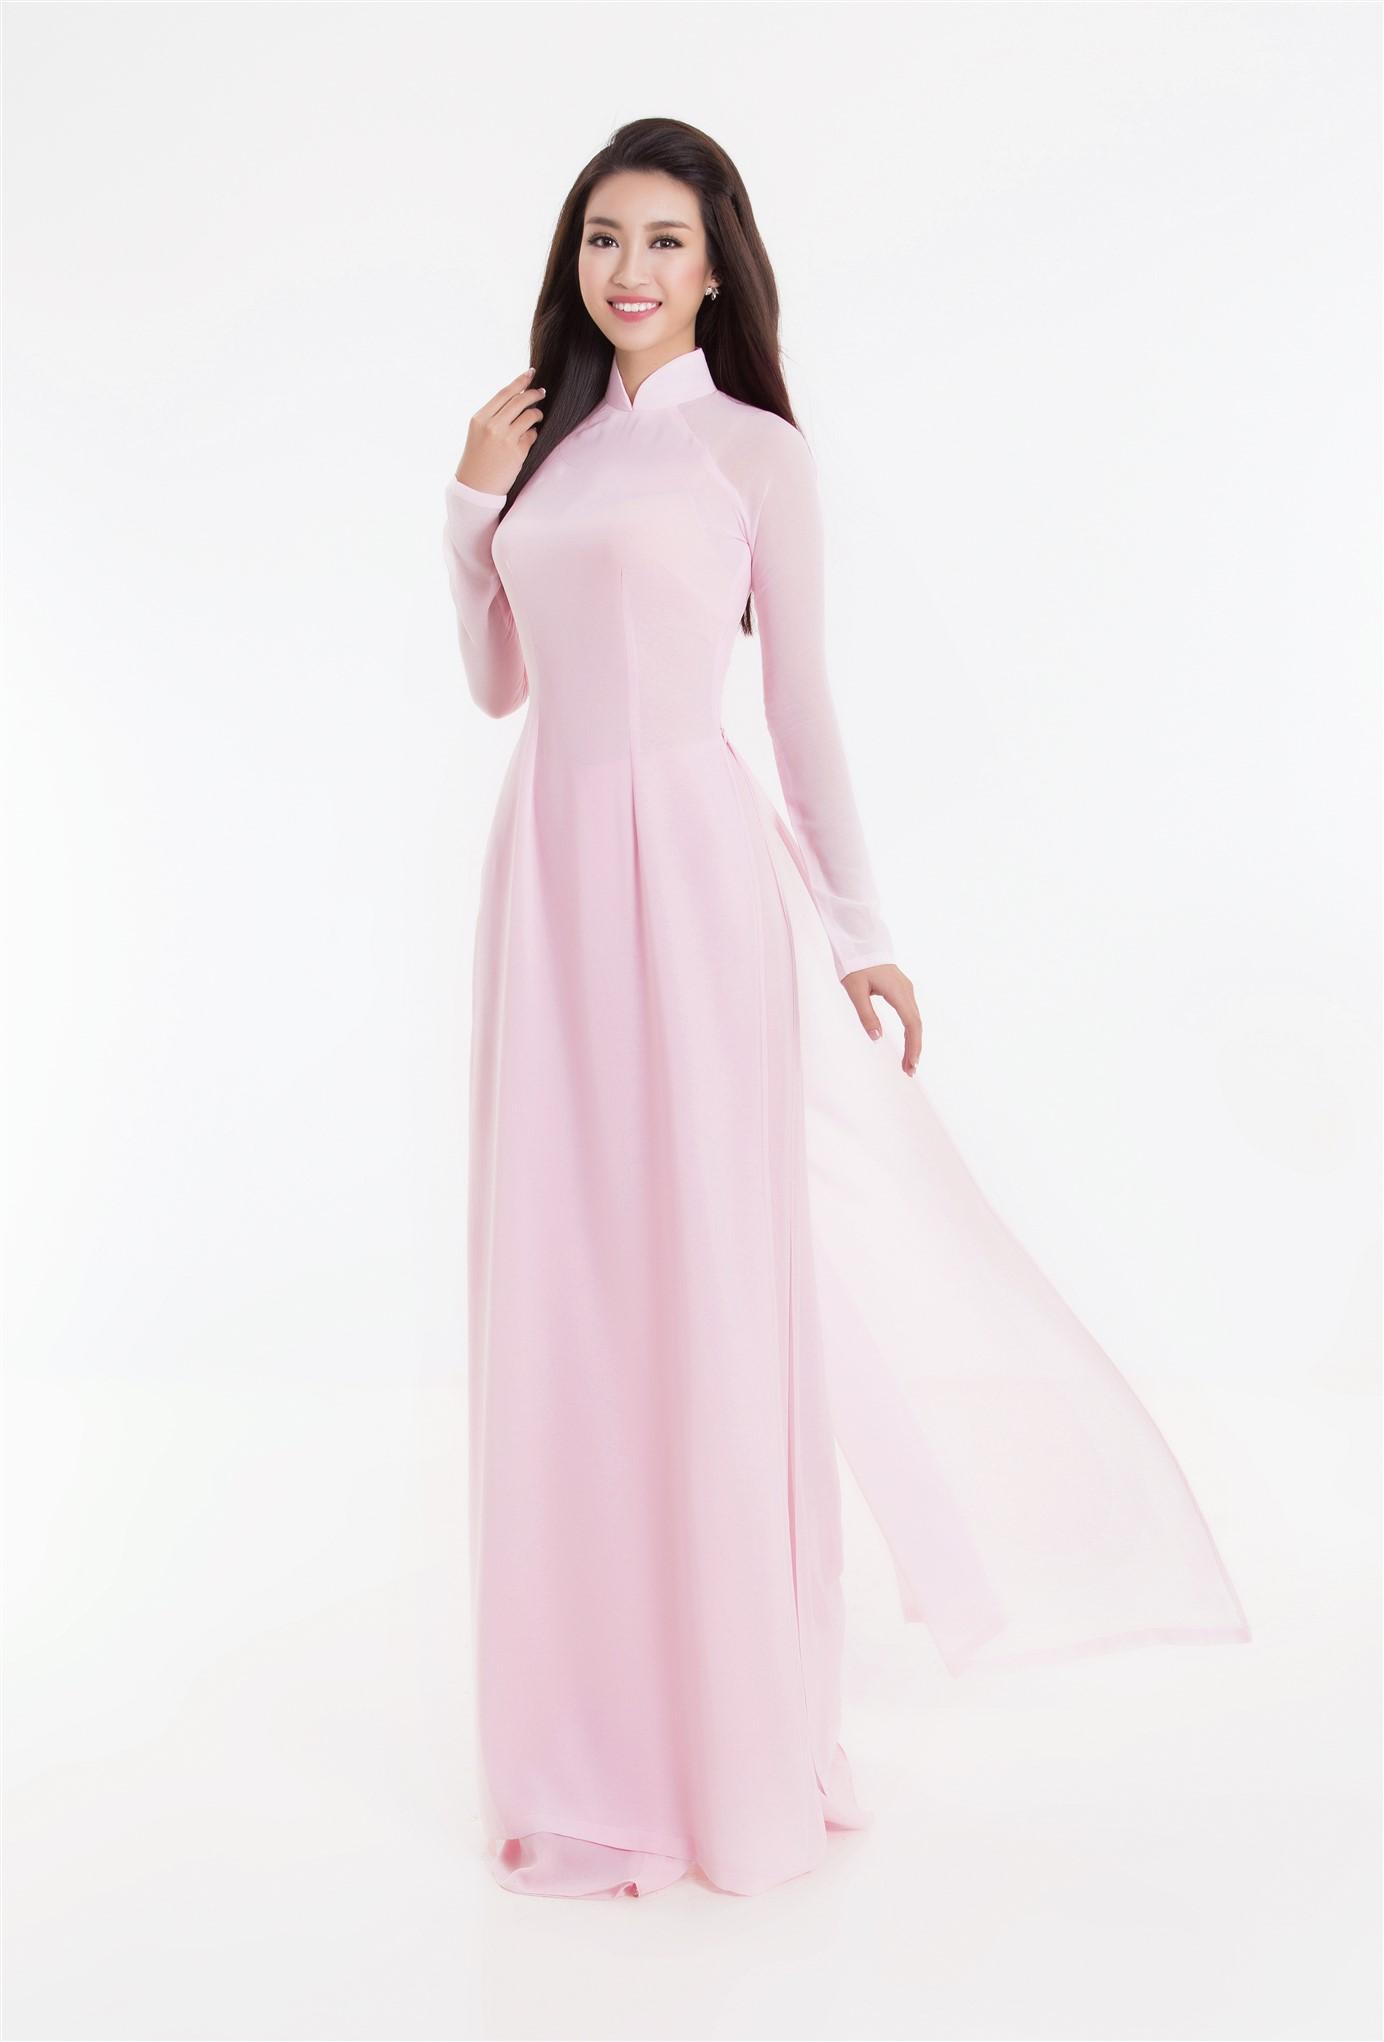 Top 3 hoa hậu việt nam 2016 duyên dáng áo dài pastel